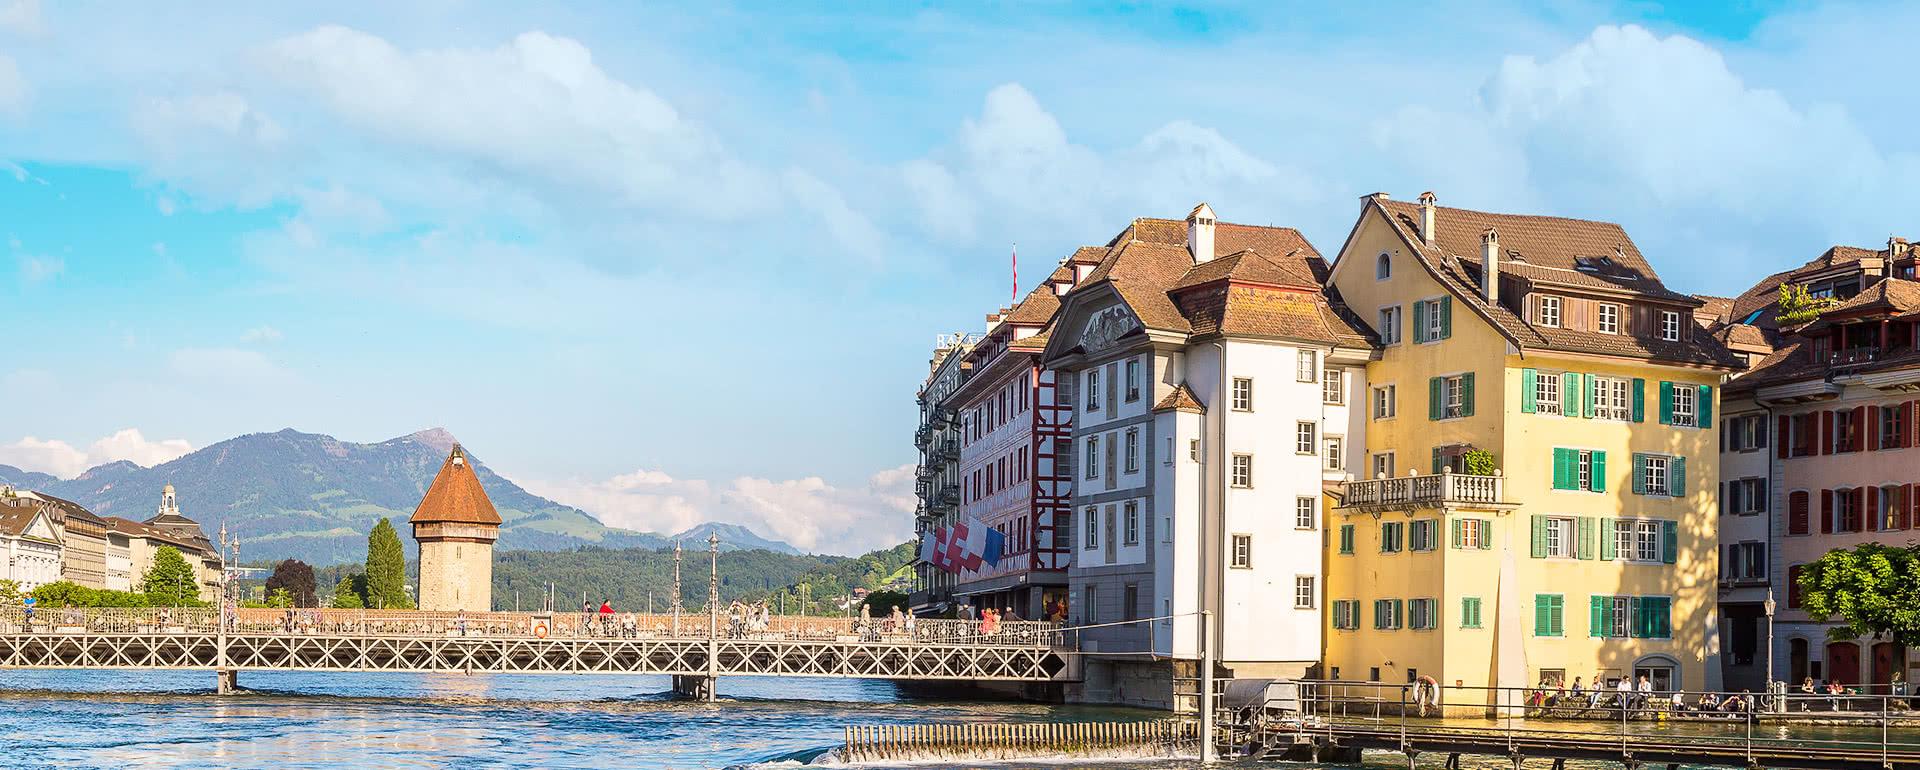 Titelbild von Luzern